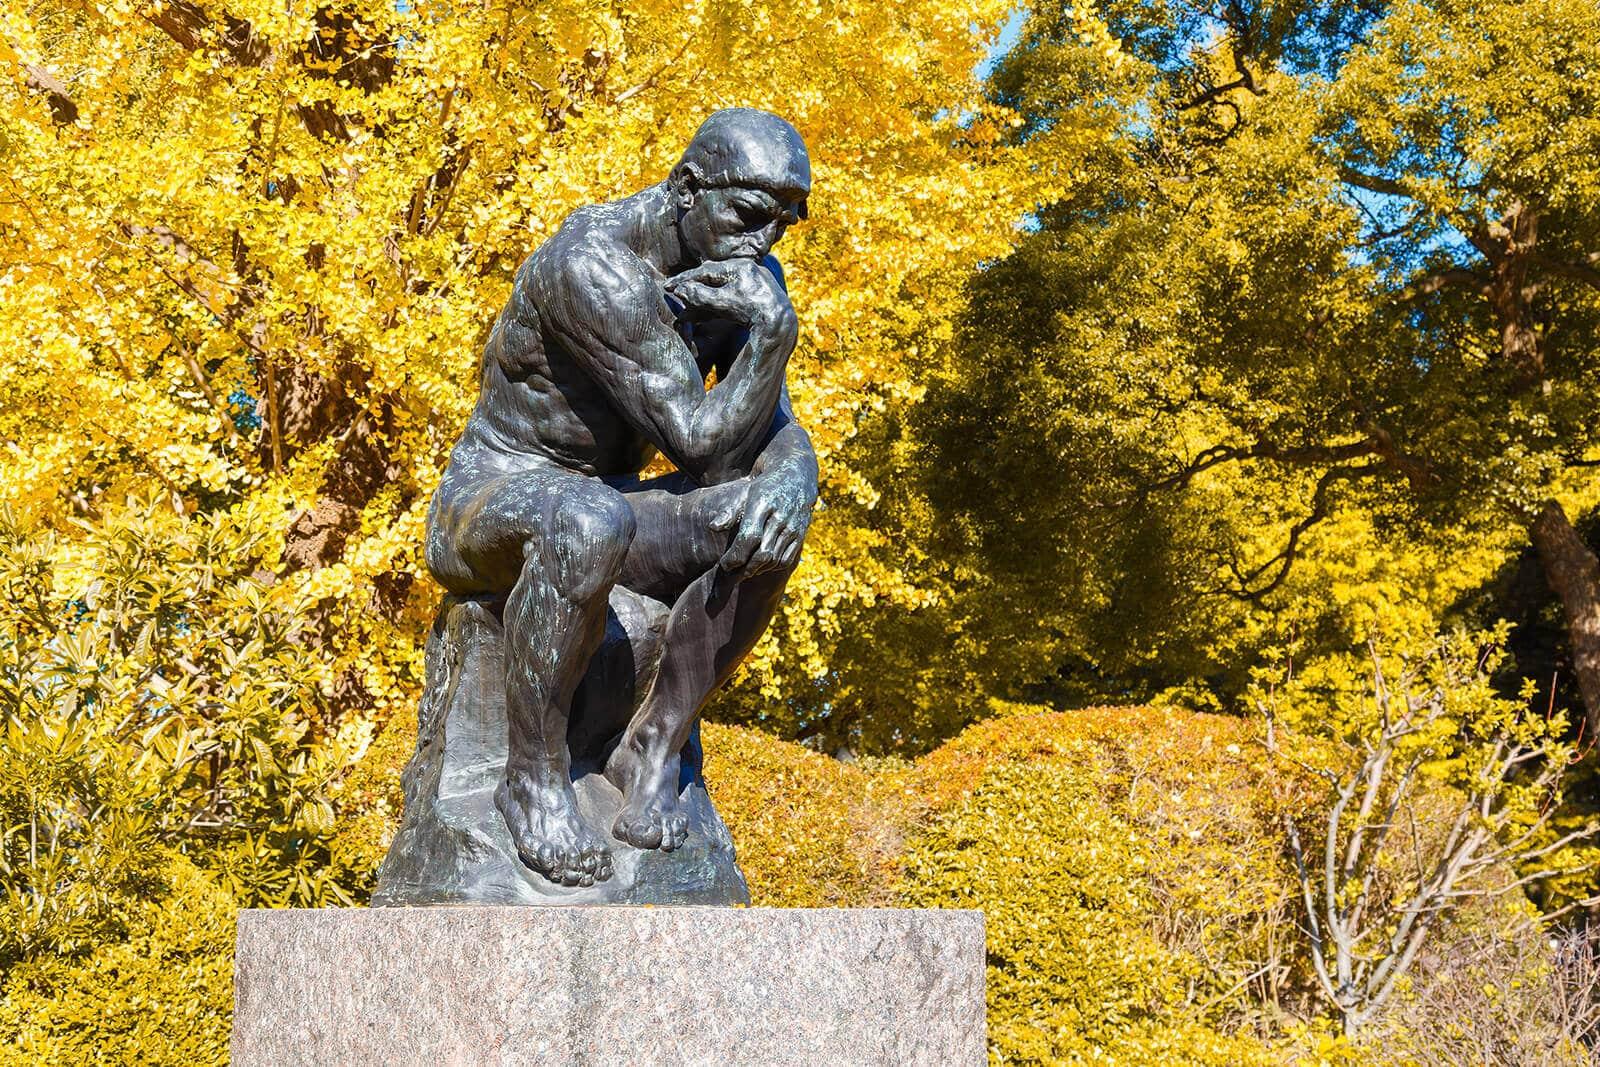 Lexikon: Rodin und die Leidenschaft